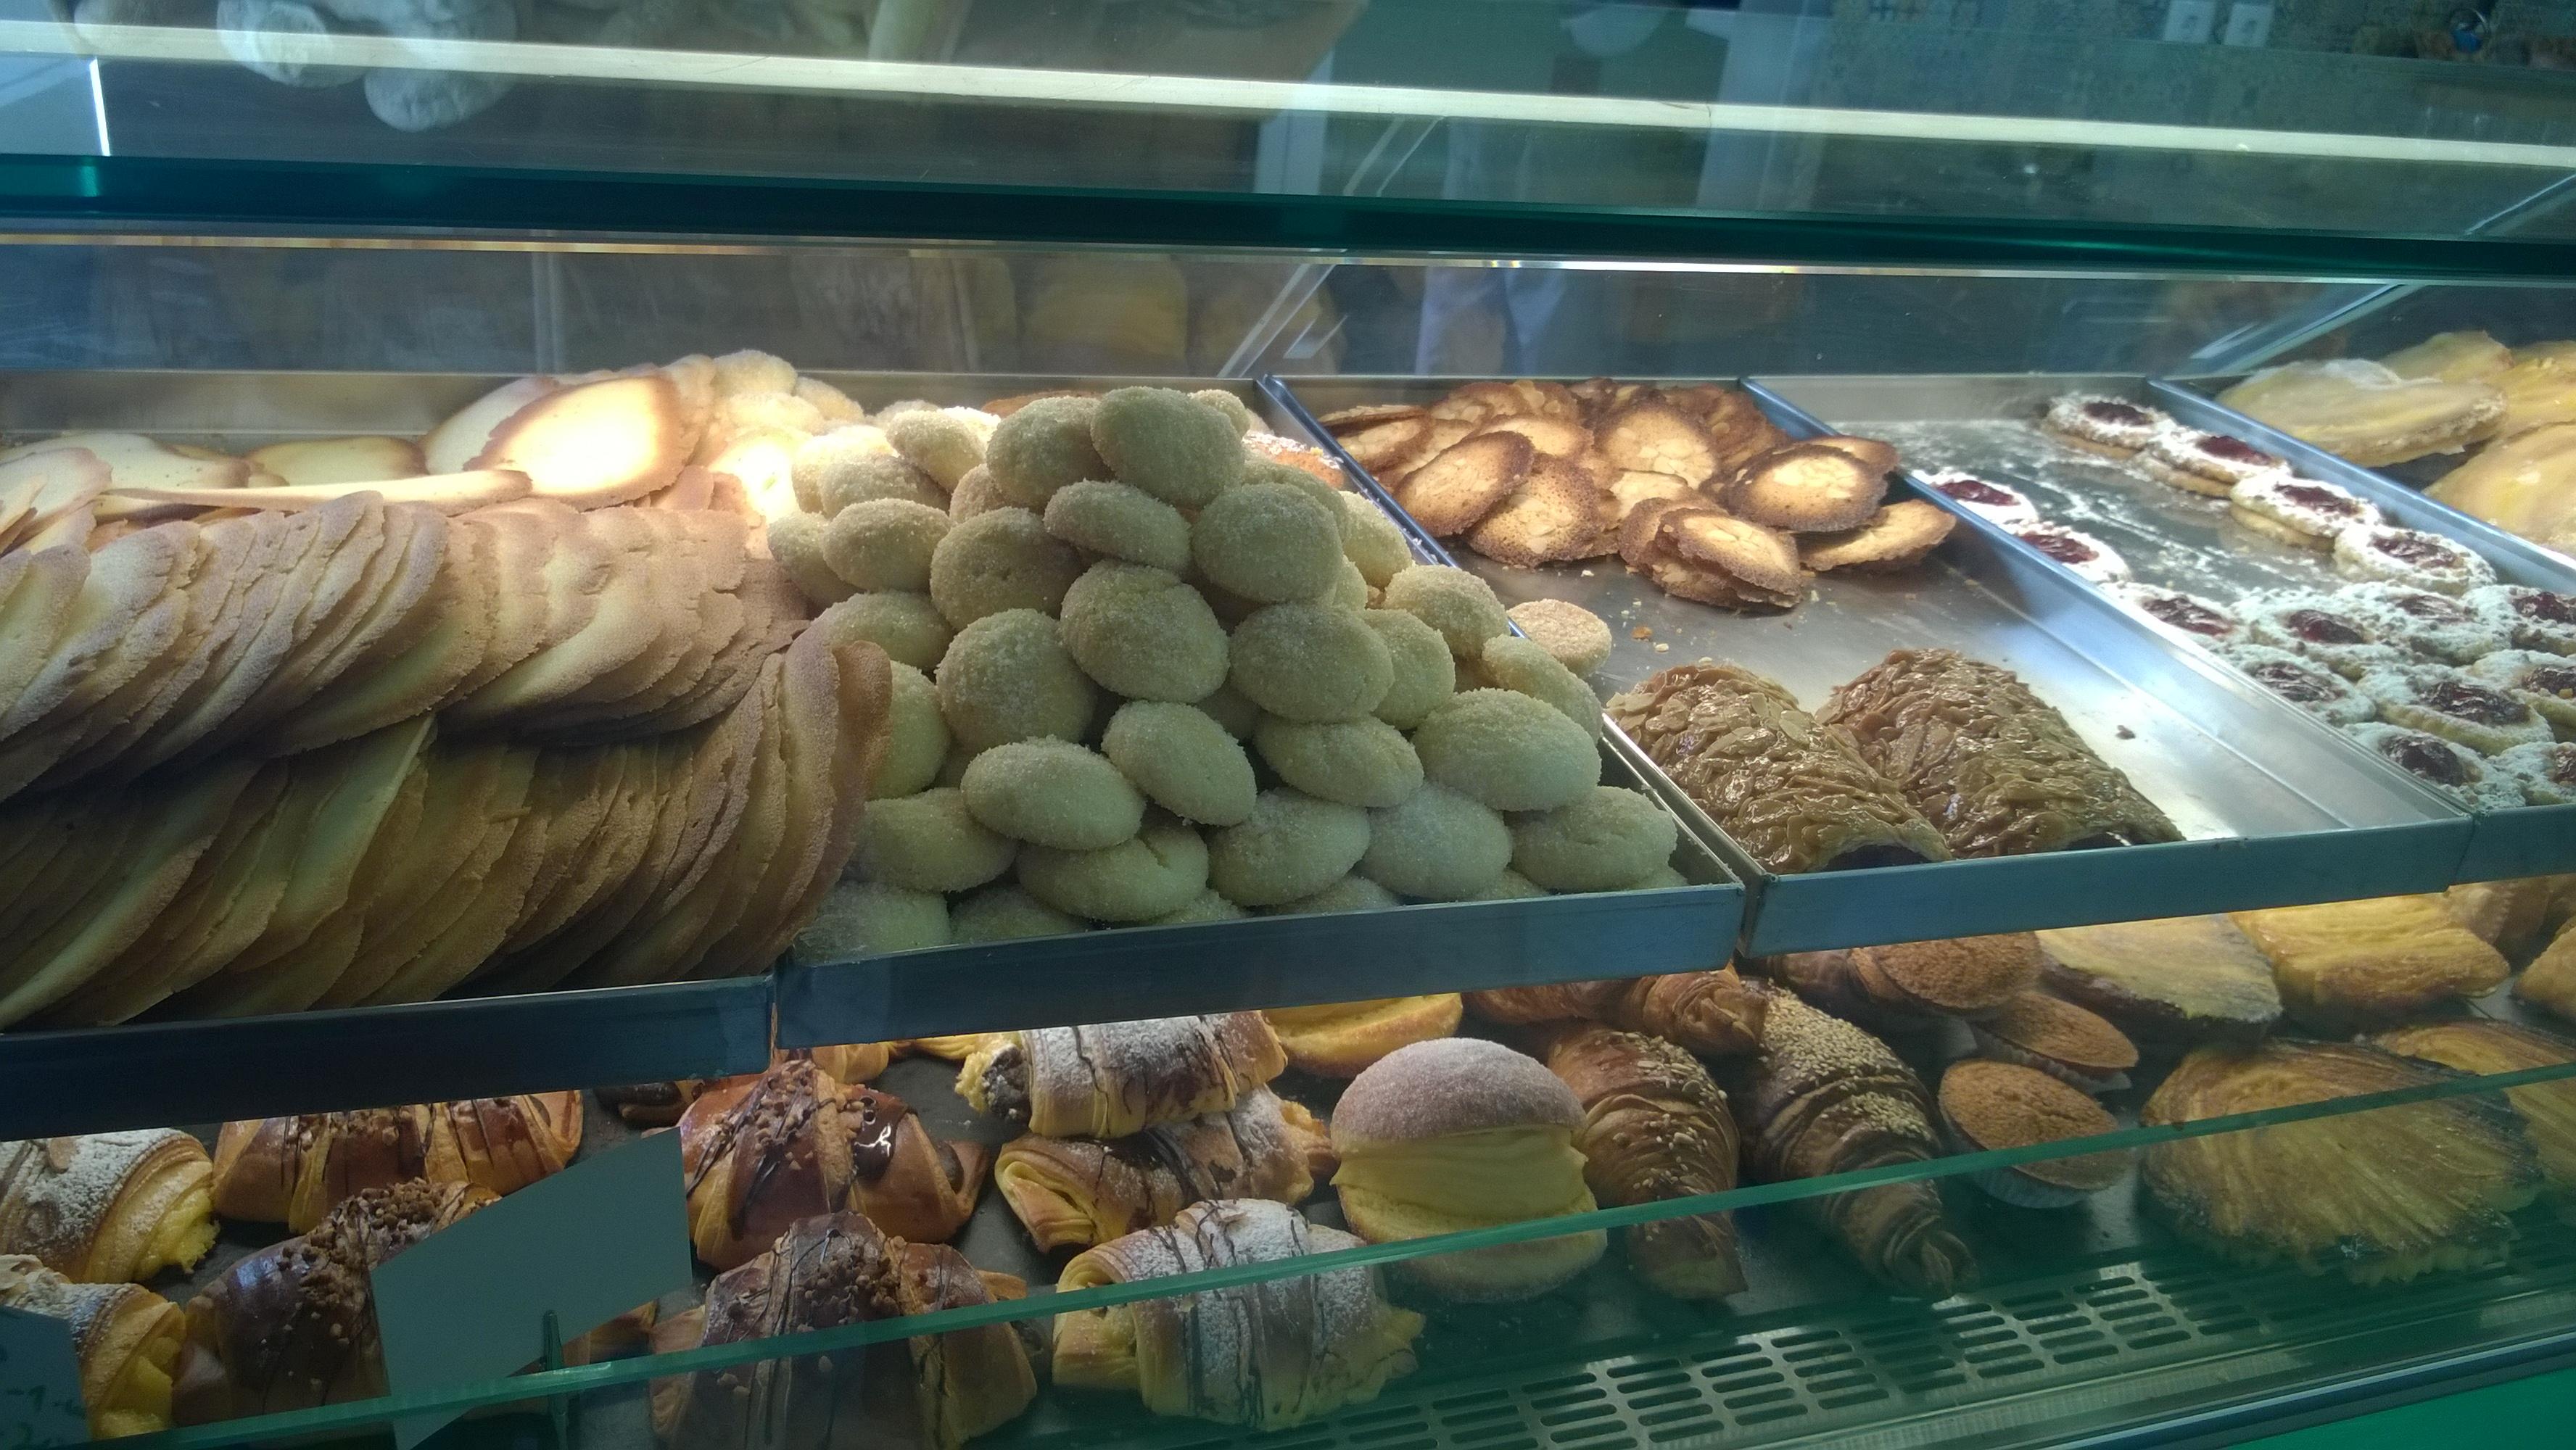 O Artigos de Pastelaria Portuguese